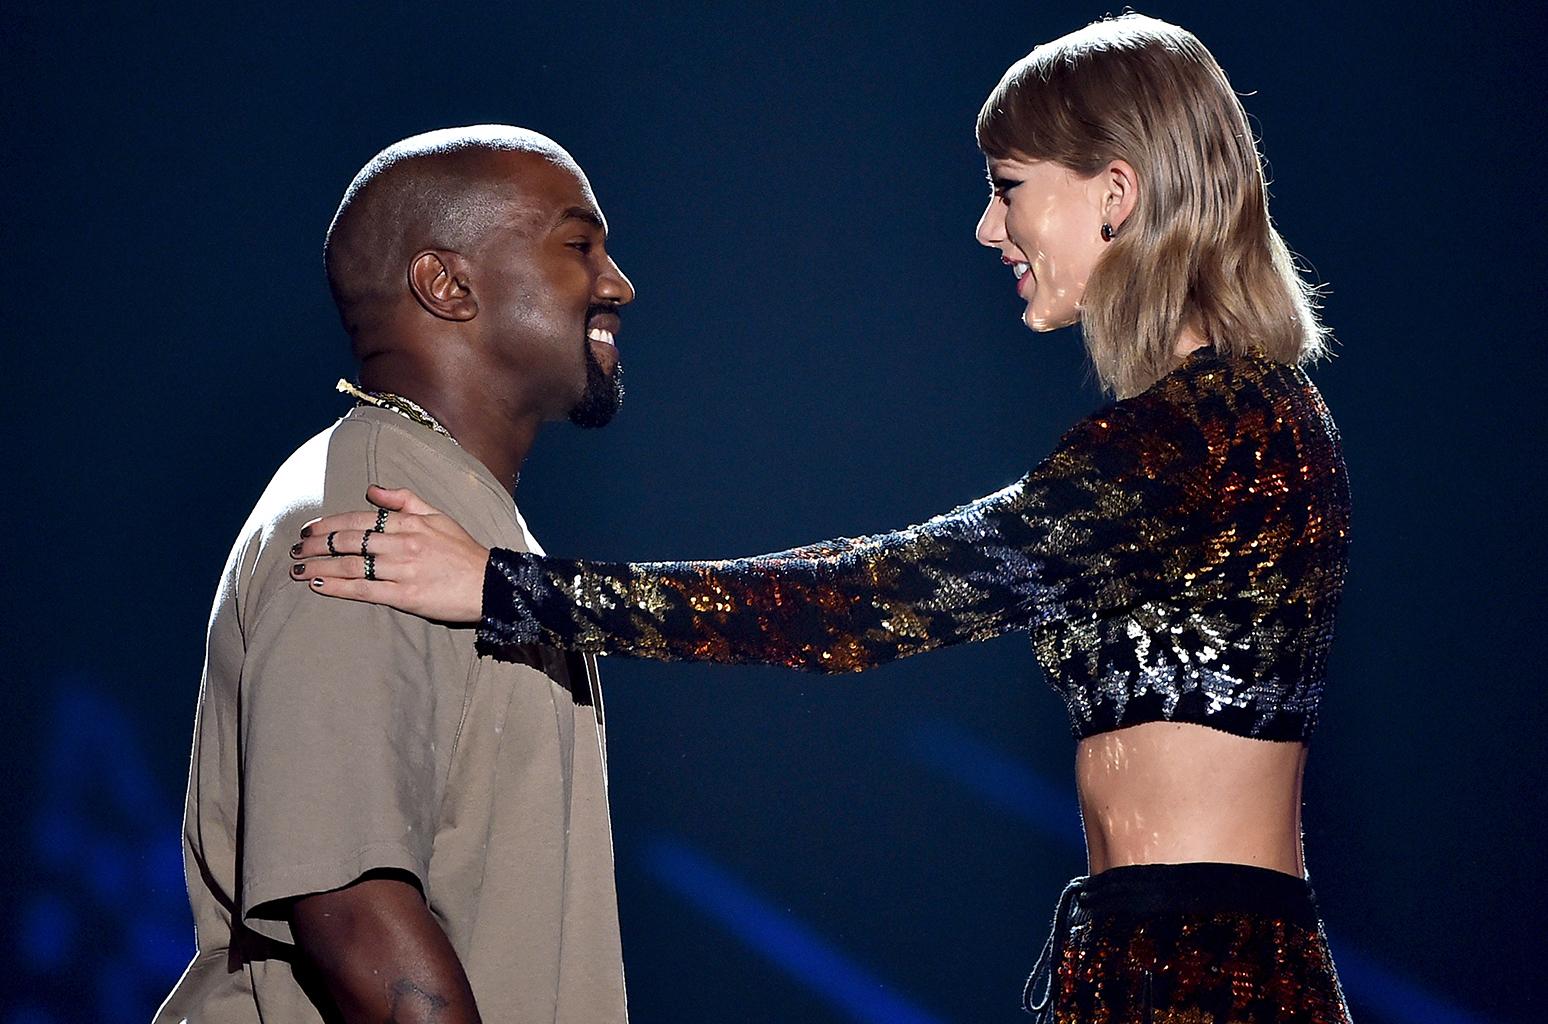 Blondynka w ciemnych ubraniach kładzie rękę na ramieniu czarnoskórego mężczyzny, który jest niższy od niej